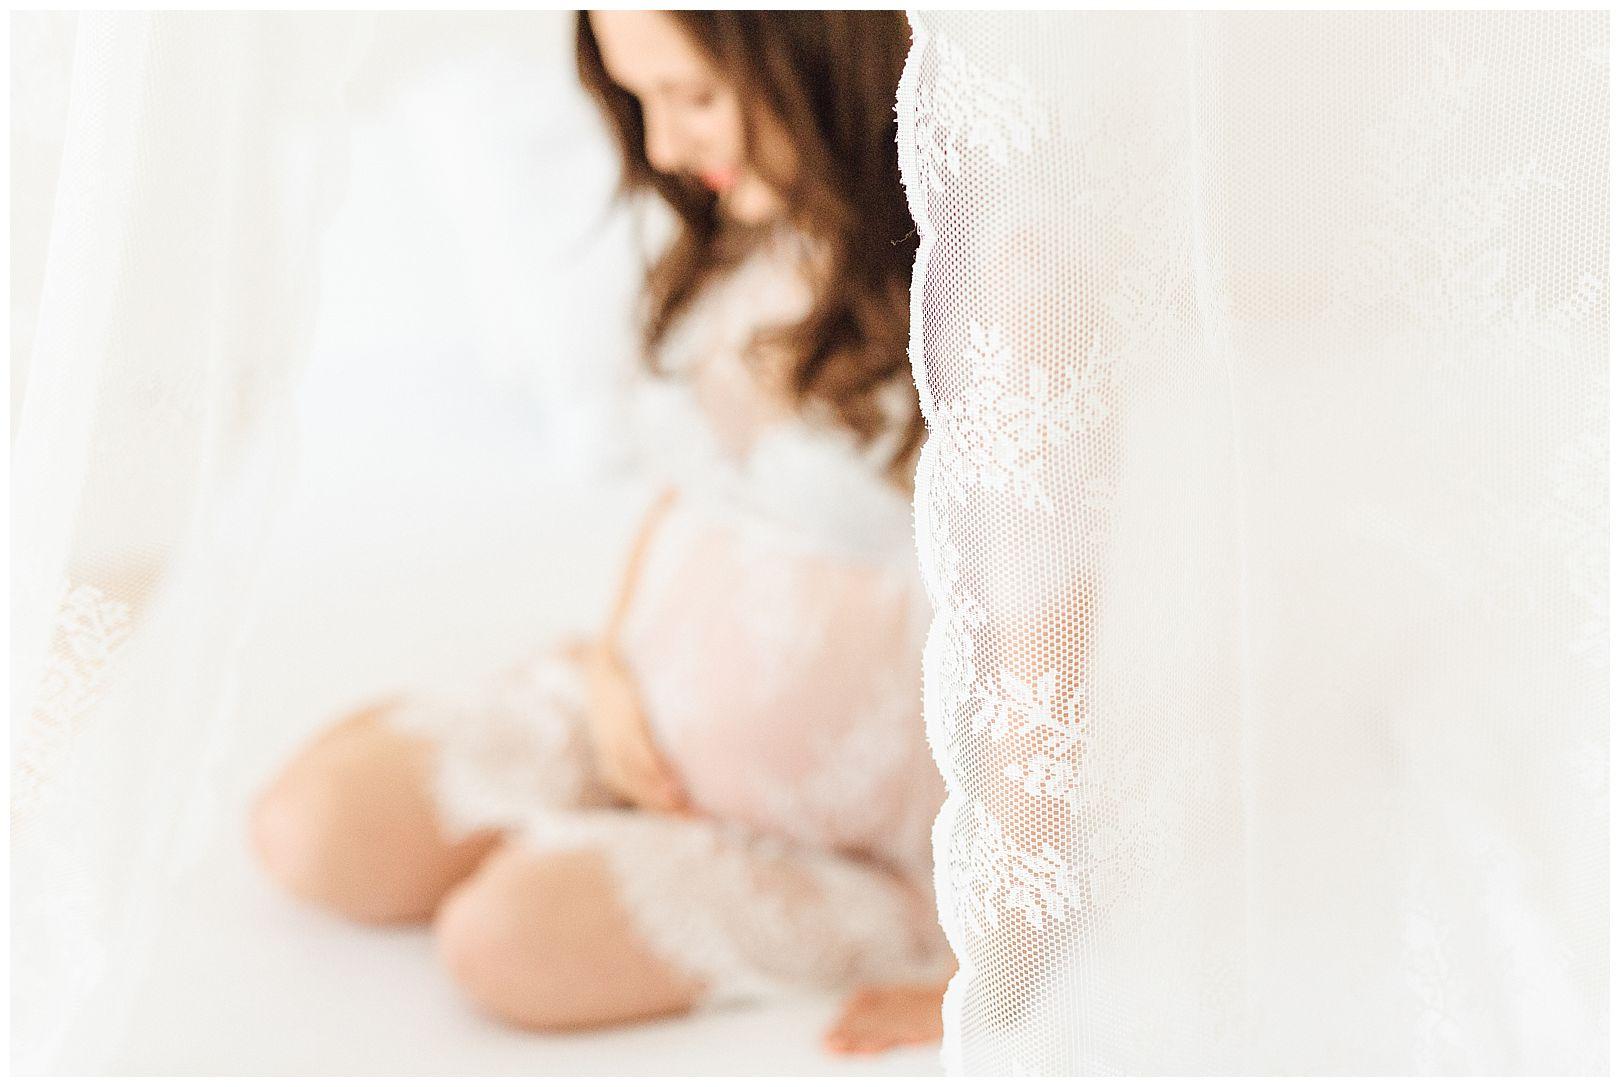 Boudoirfoto einer schwangeren Frau im Spitzenkleid